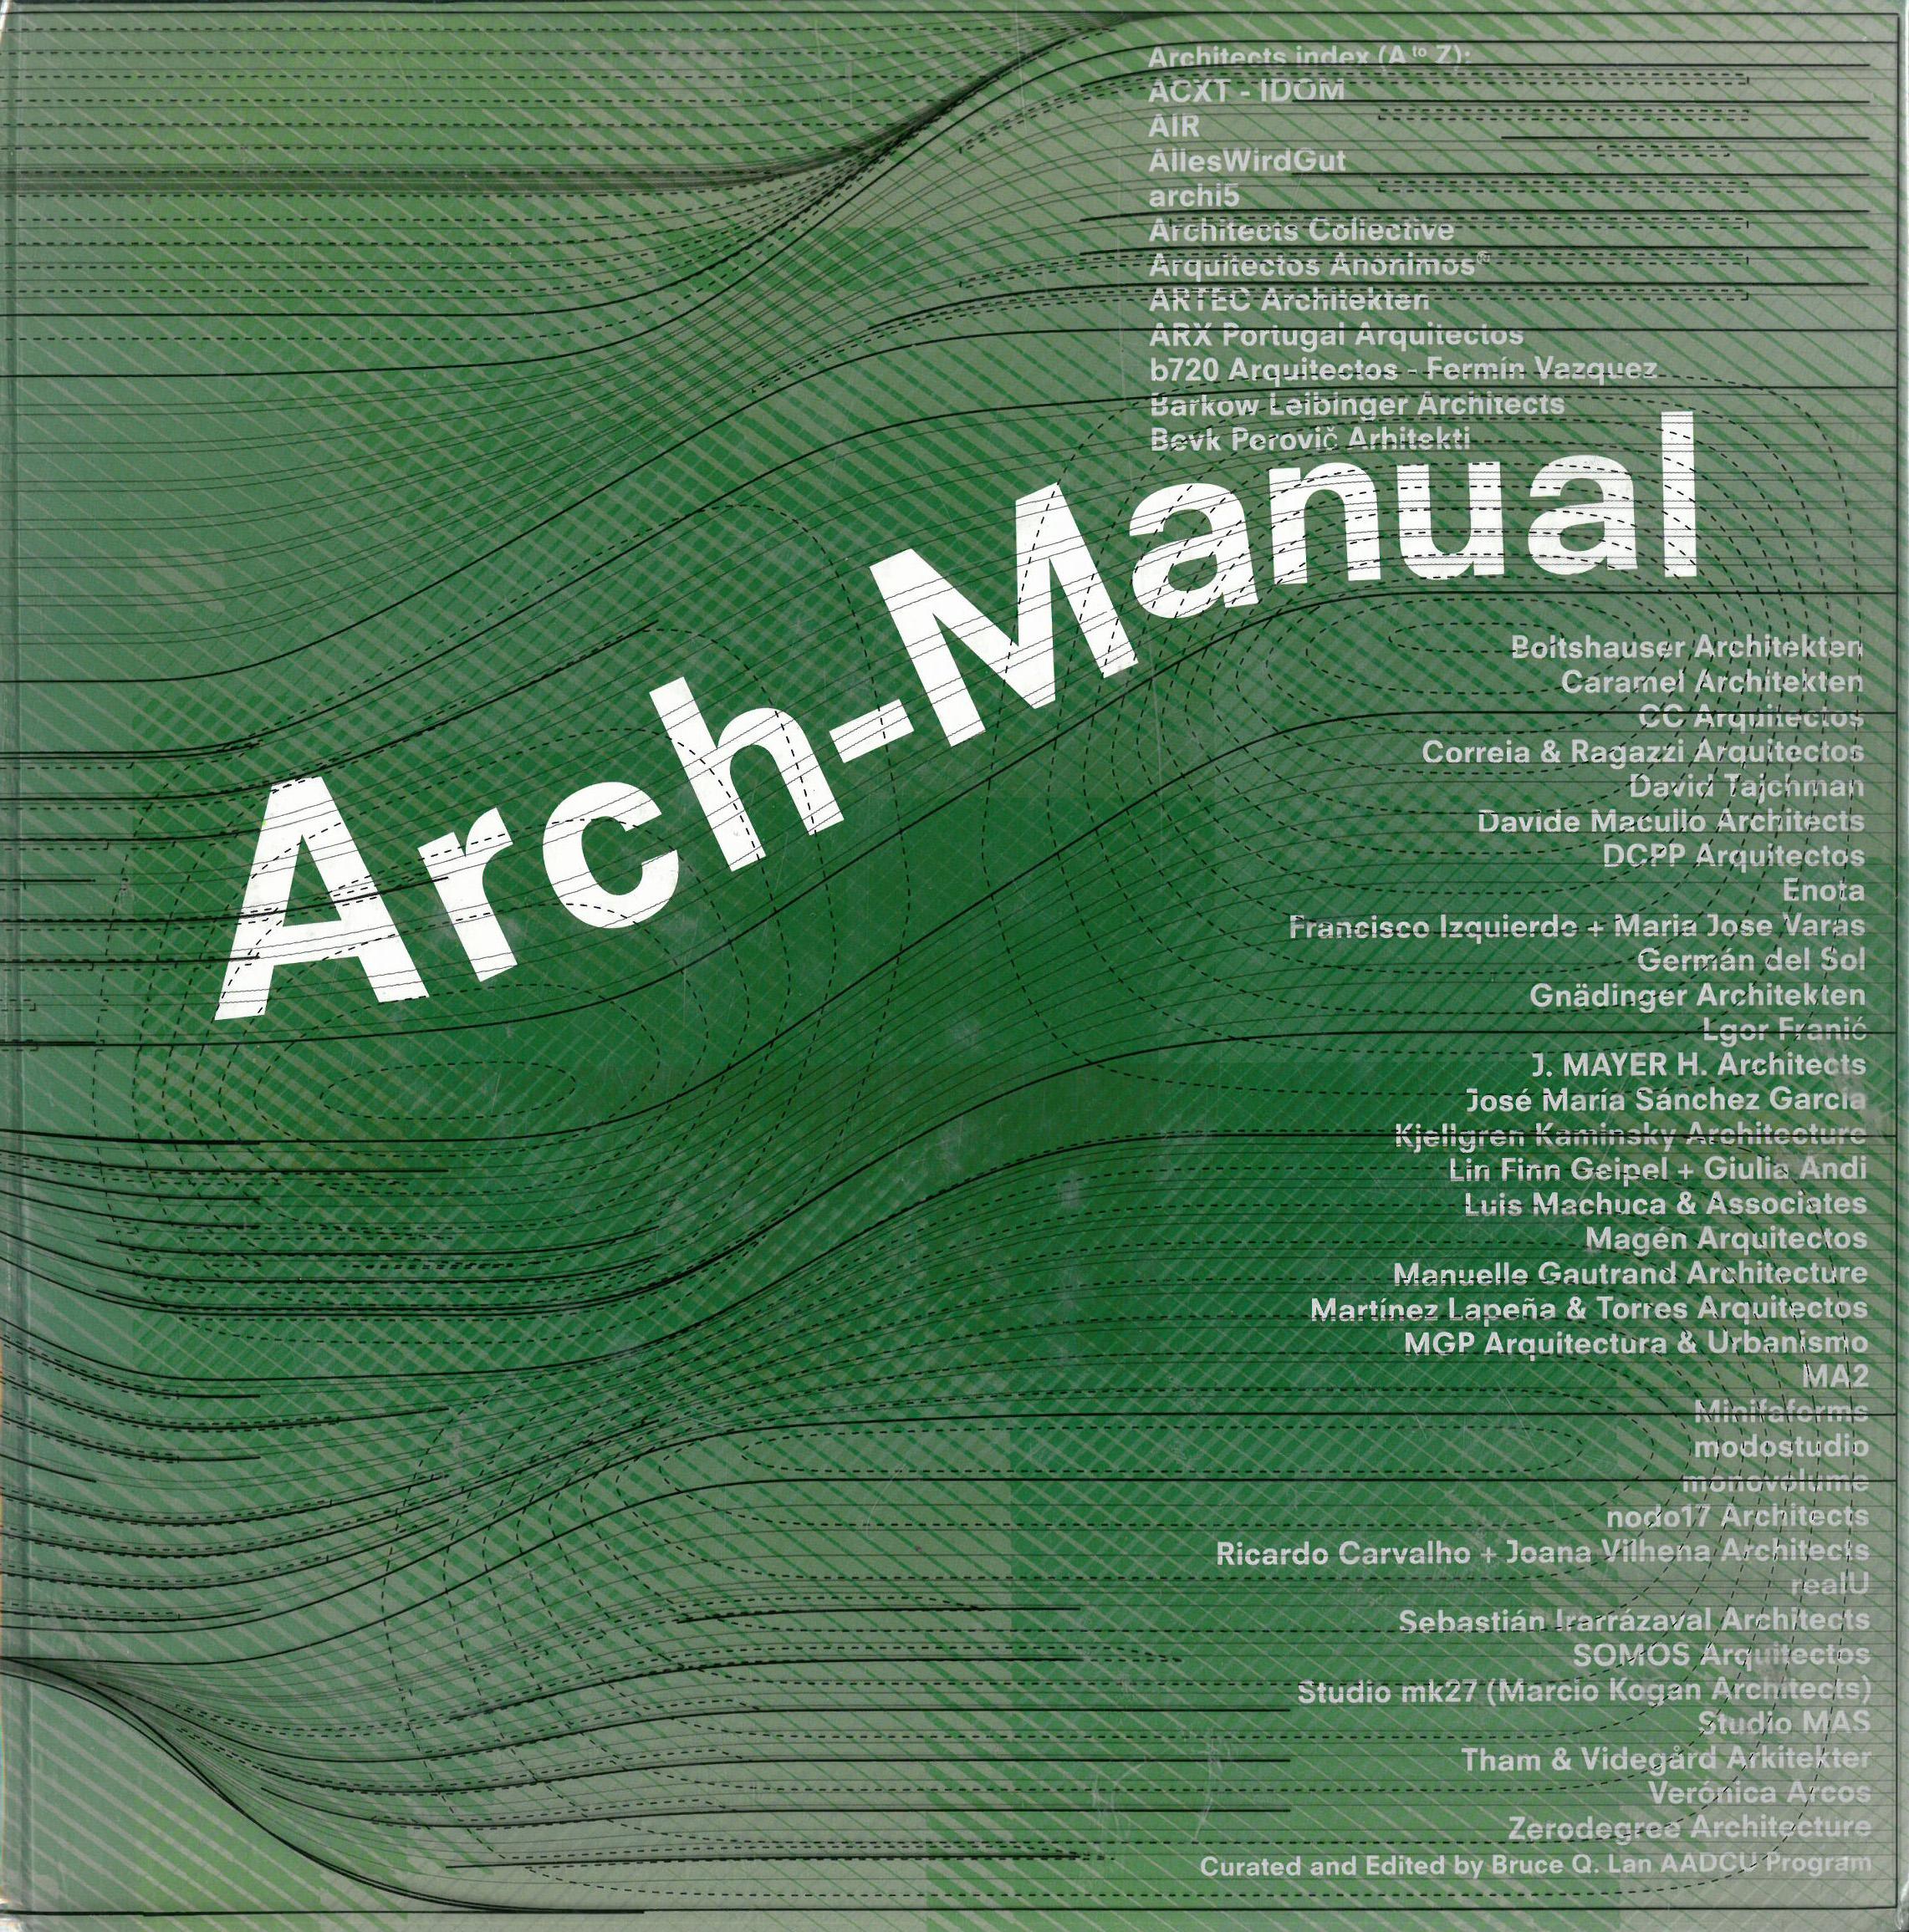 Arch-Manual 4 - AADCU 2011